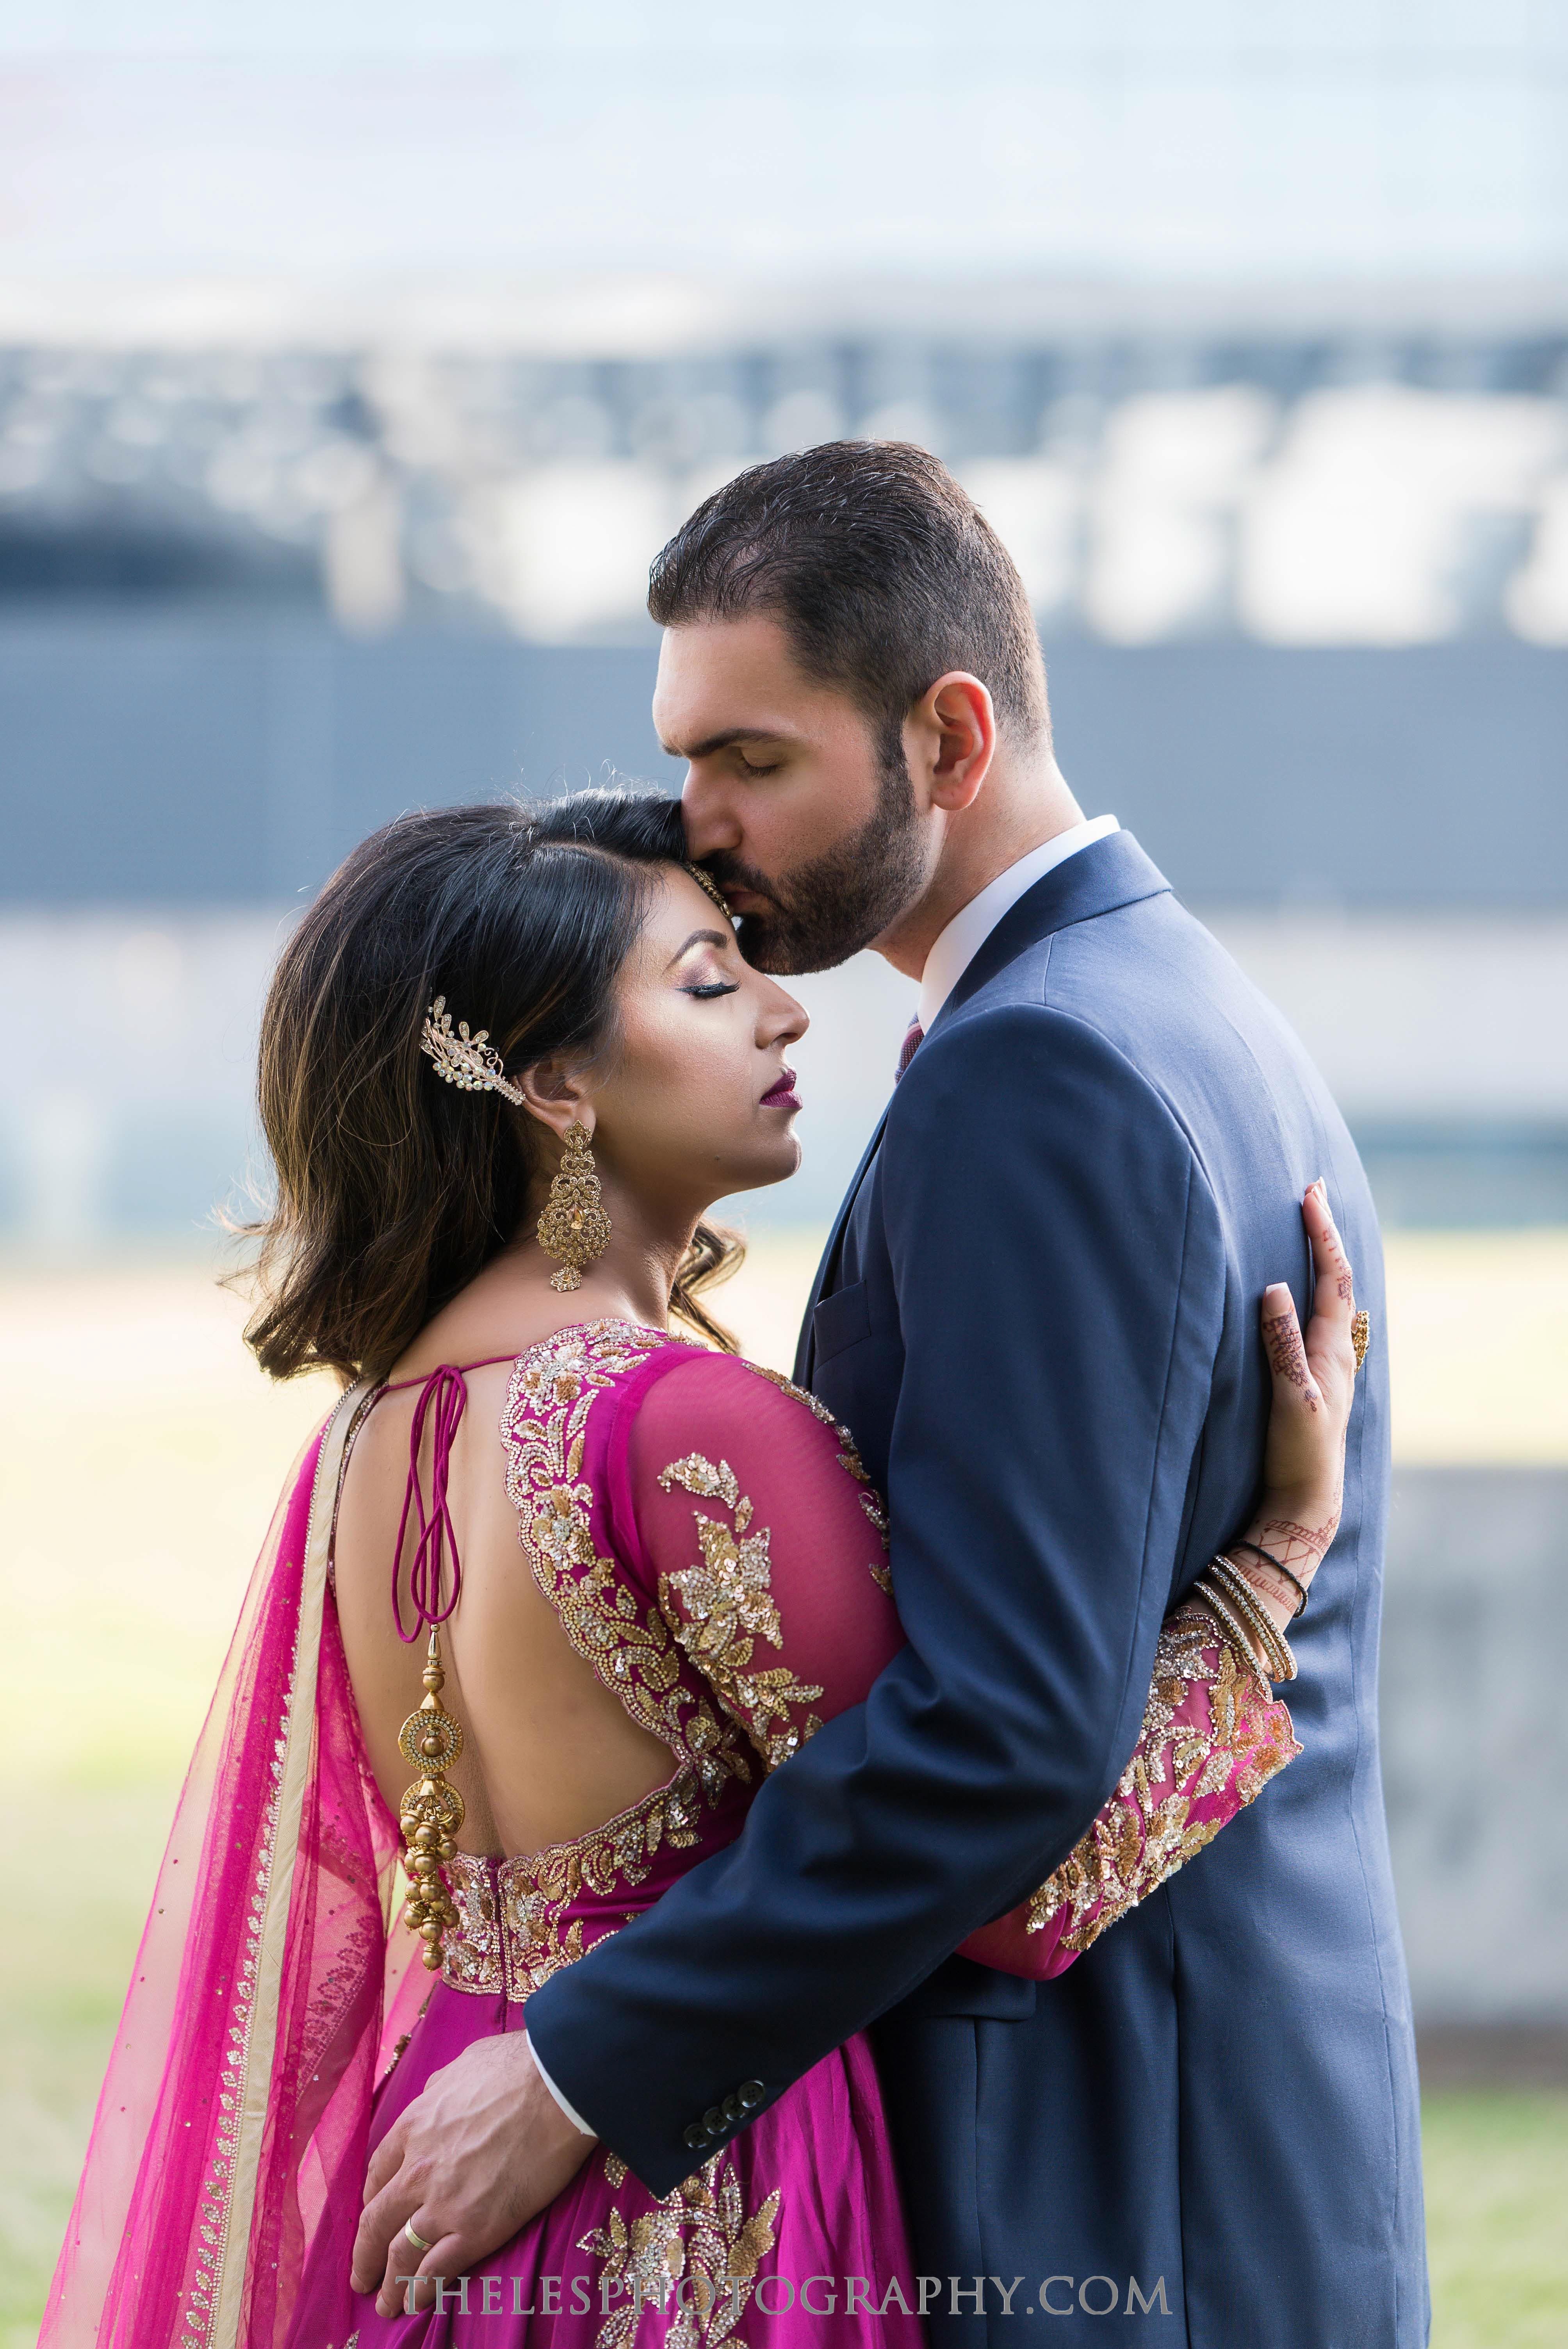 The Les Photography - Punjabi Wedding - Sikh Indian Wedding - Dallas Wedding Photographer 58